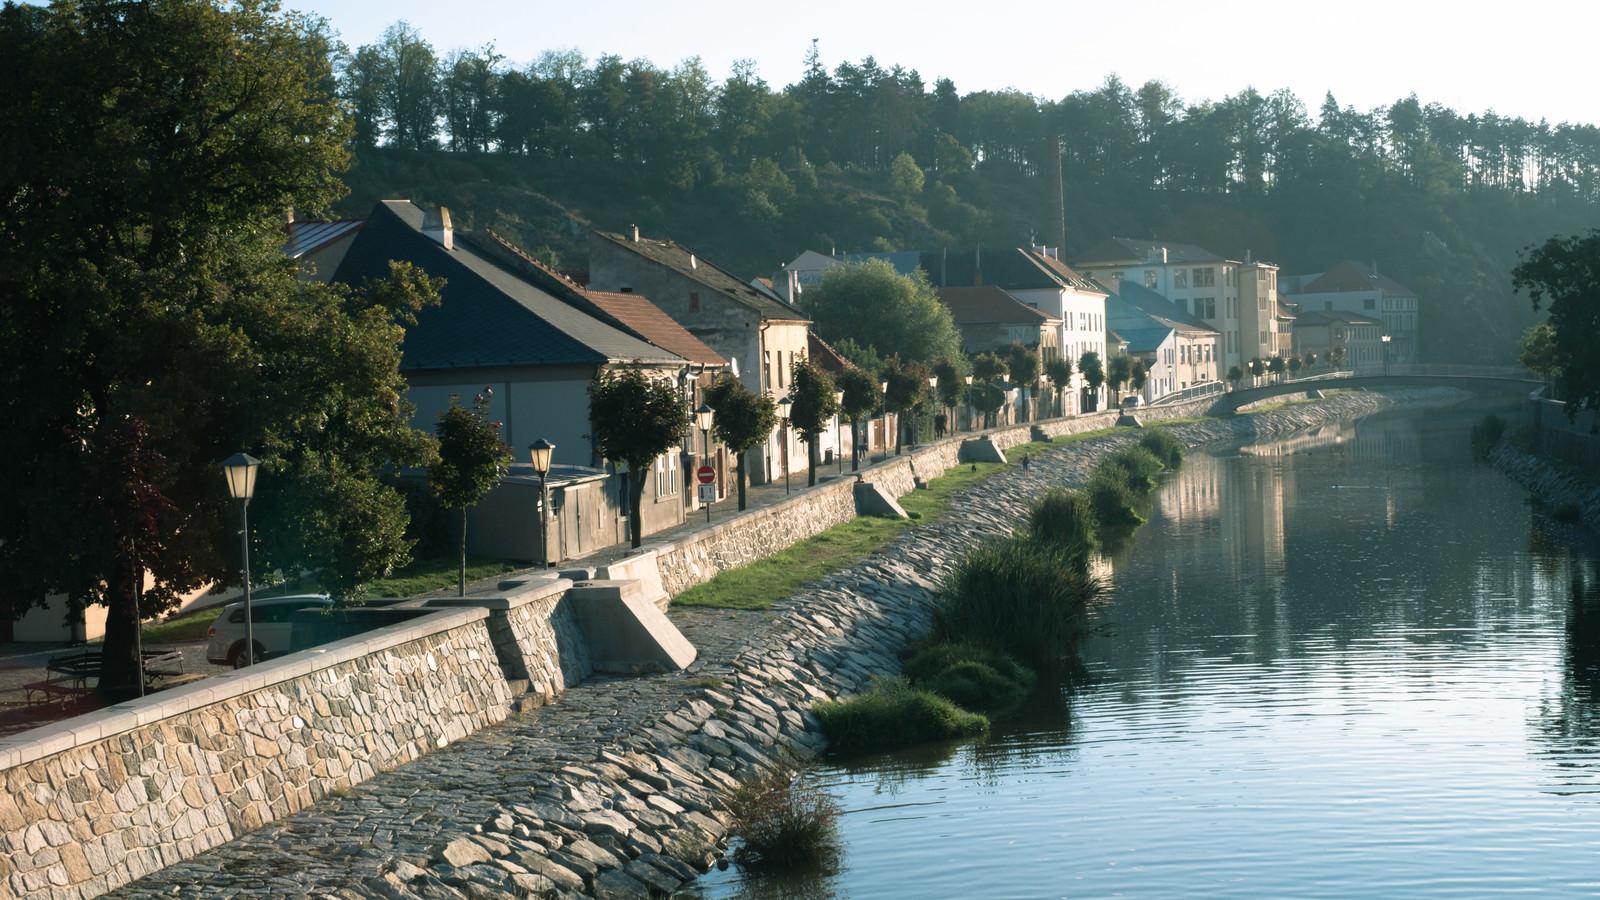 「イフラヴァ川沿いの住宅街(チェコ・トルシェビーチ市)」の写真